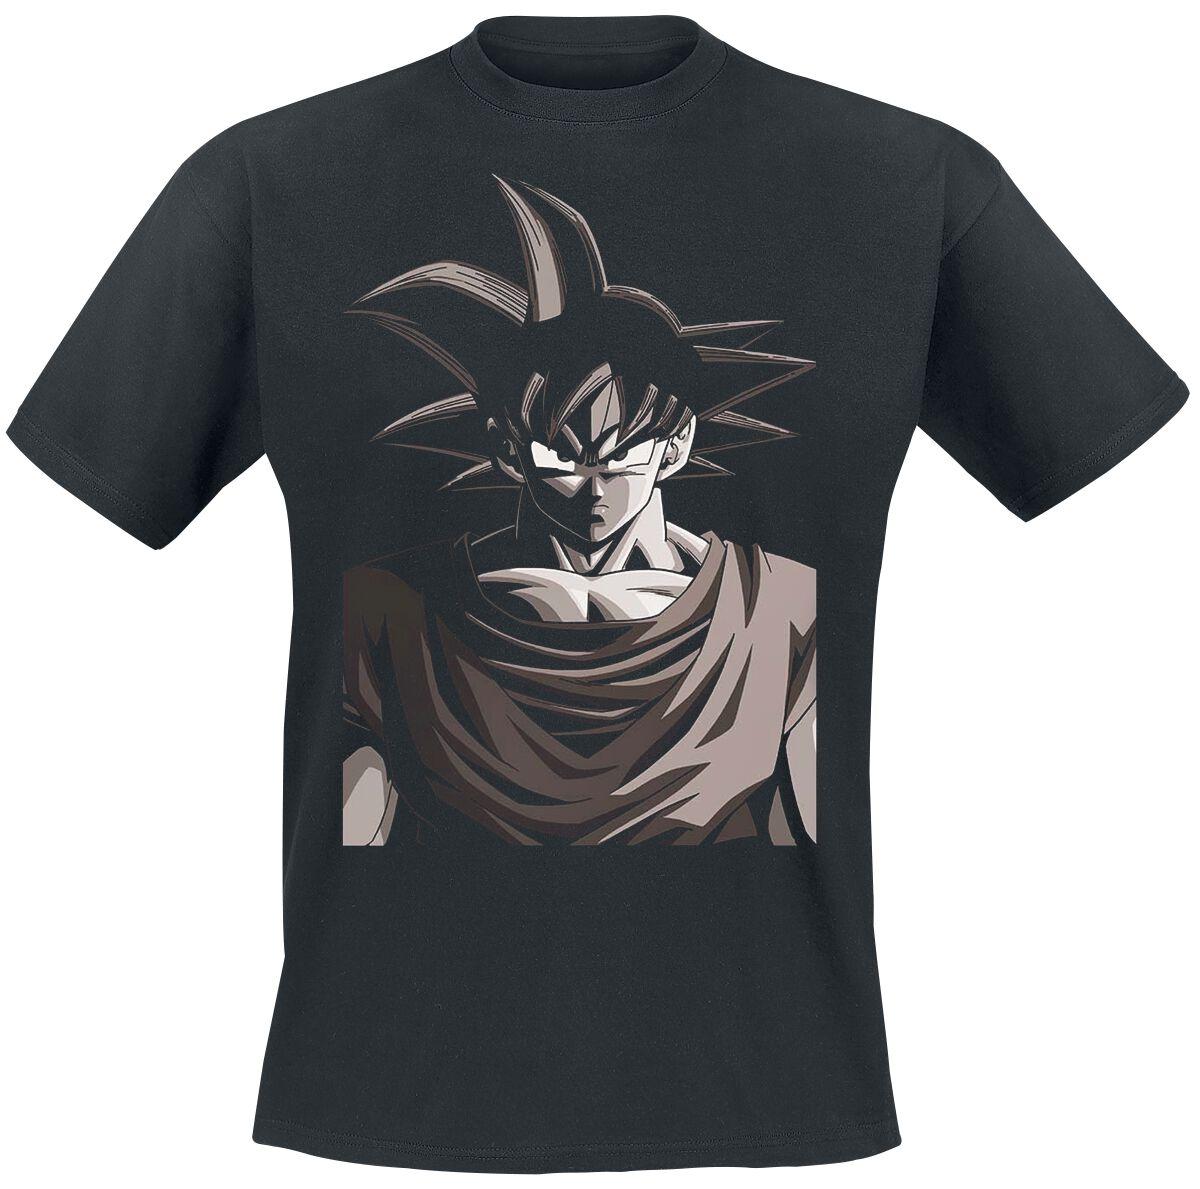 Merch dla Fanów - Koszulki - T-Shirt Dragon Ball Z - Son Goku - Picture T-Shirt czarny - 324692